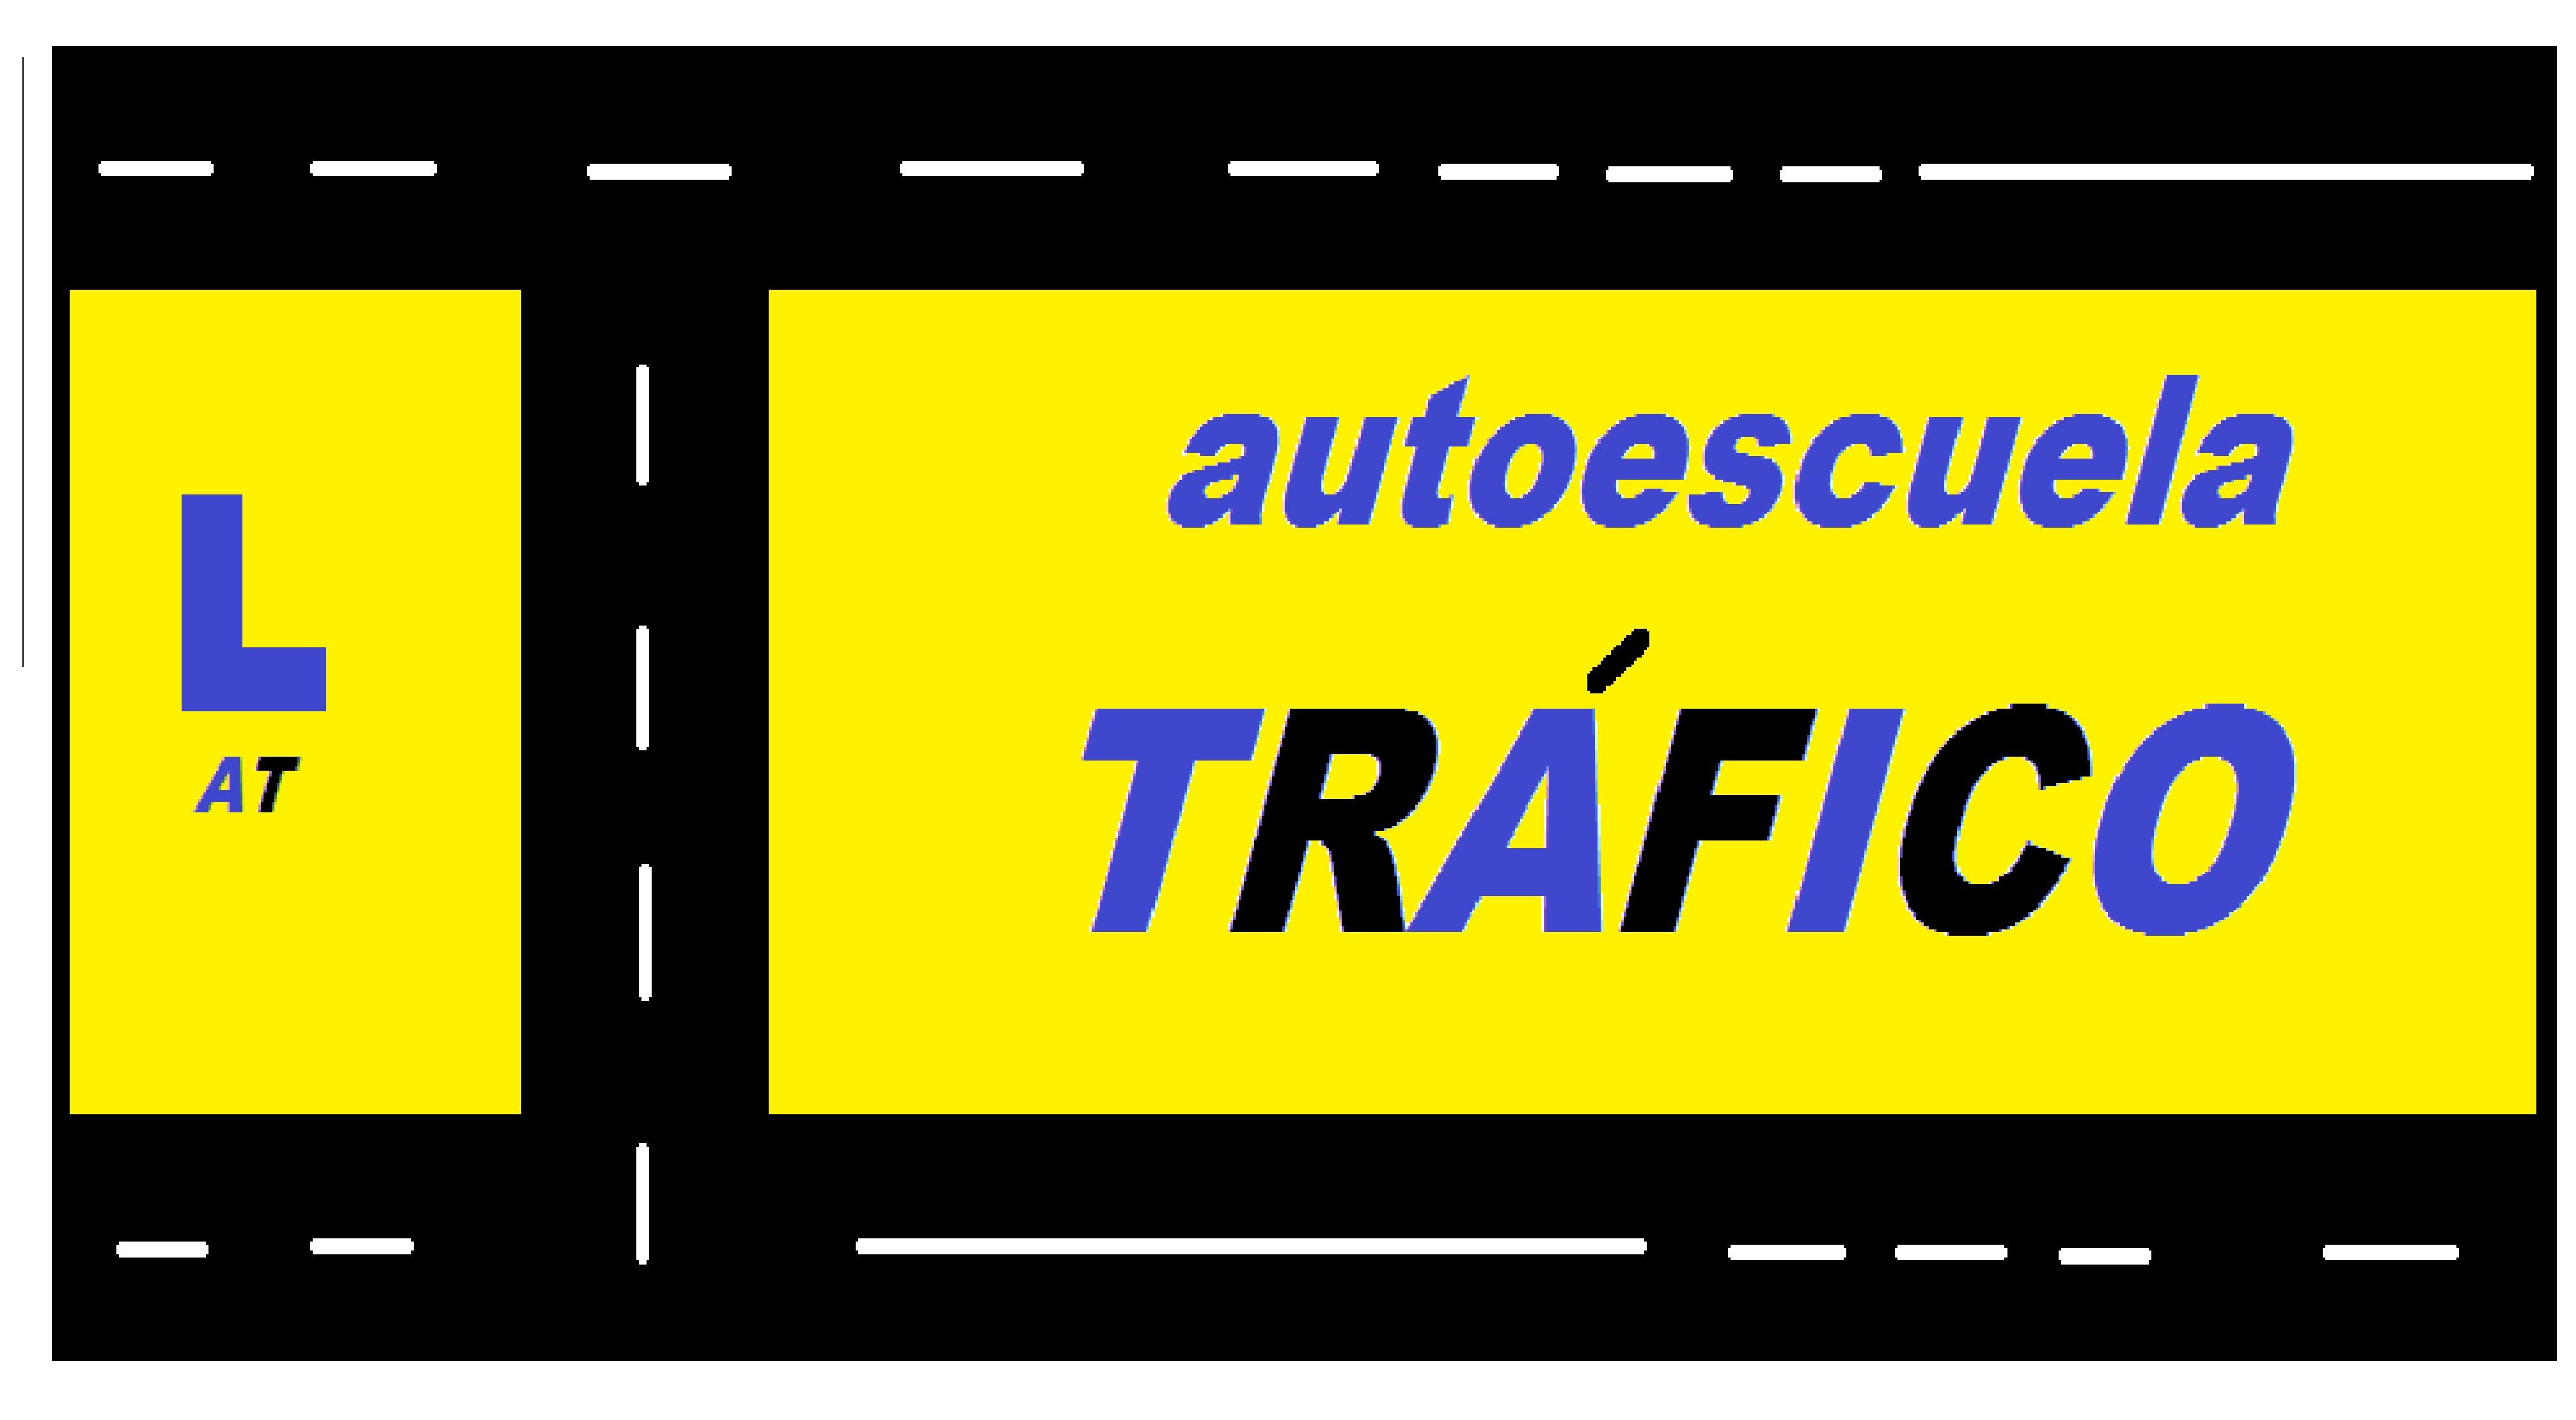 Autoescuelas en tenerife baratas comparador autoescuelas for Autoescuelas santa cruz de tenerife